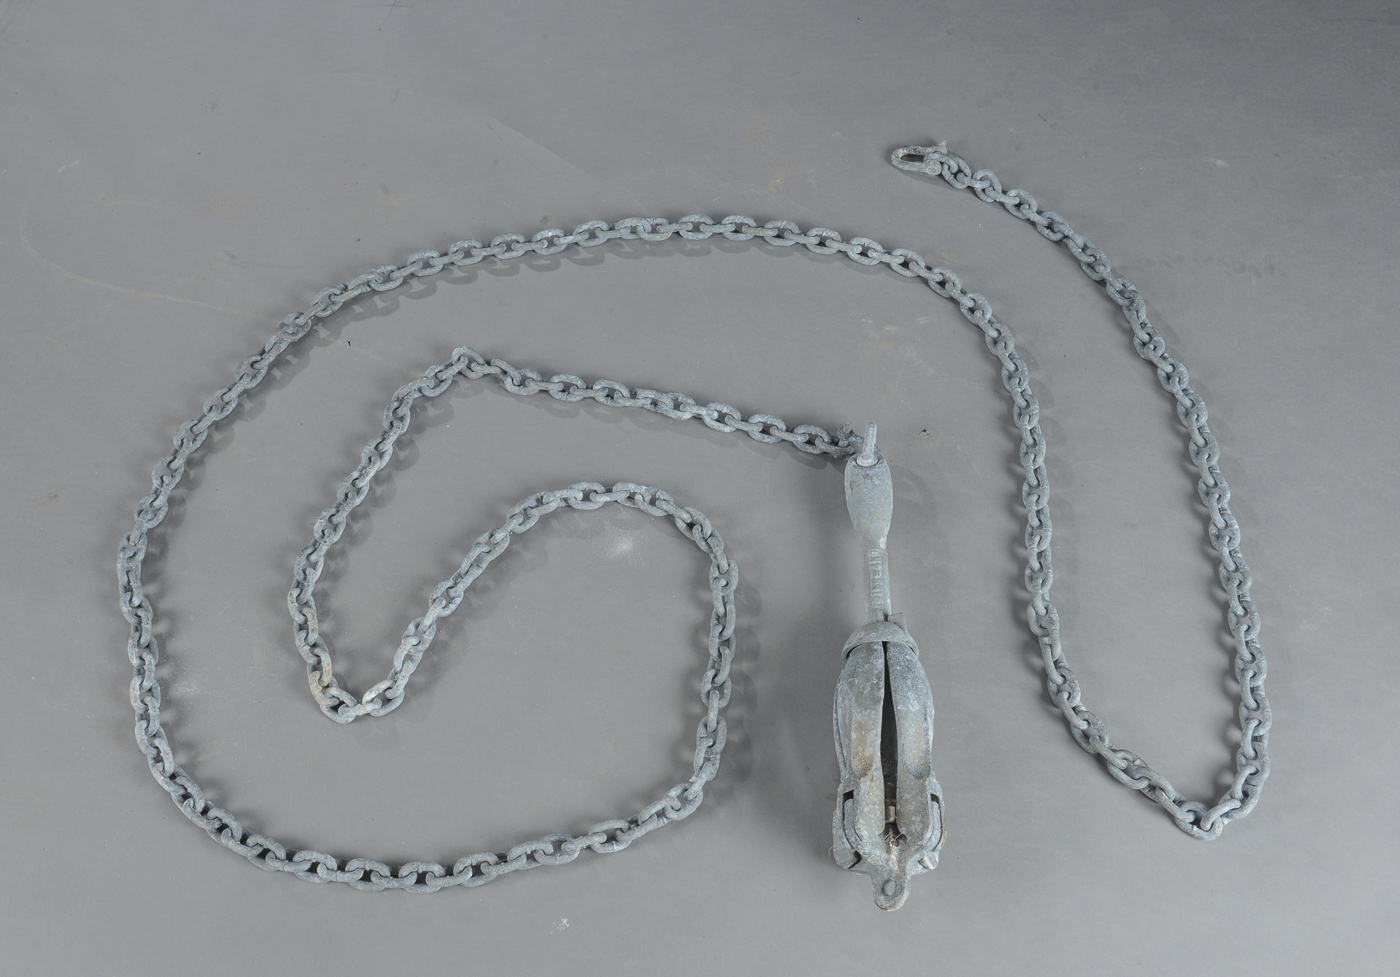 Stenanker 4 kg galvaniseret, med 5 mtr galvaniseret kæde - Stenanker 4 kg galvaniseret, med 5 mtr galvaniseret kæde